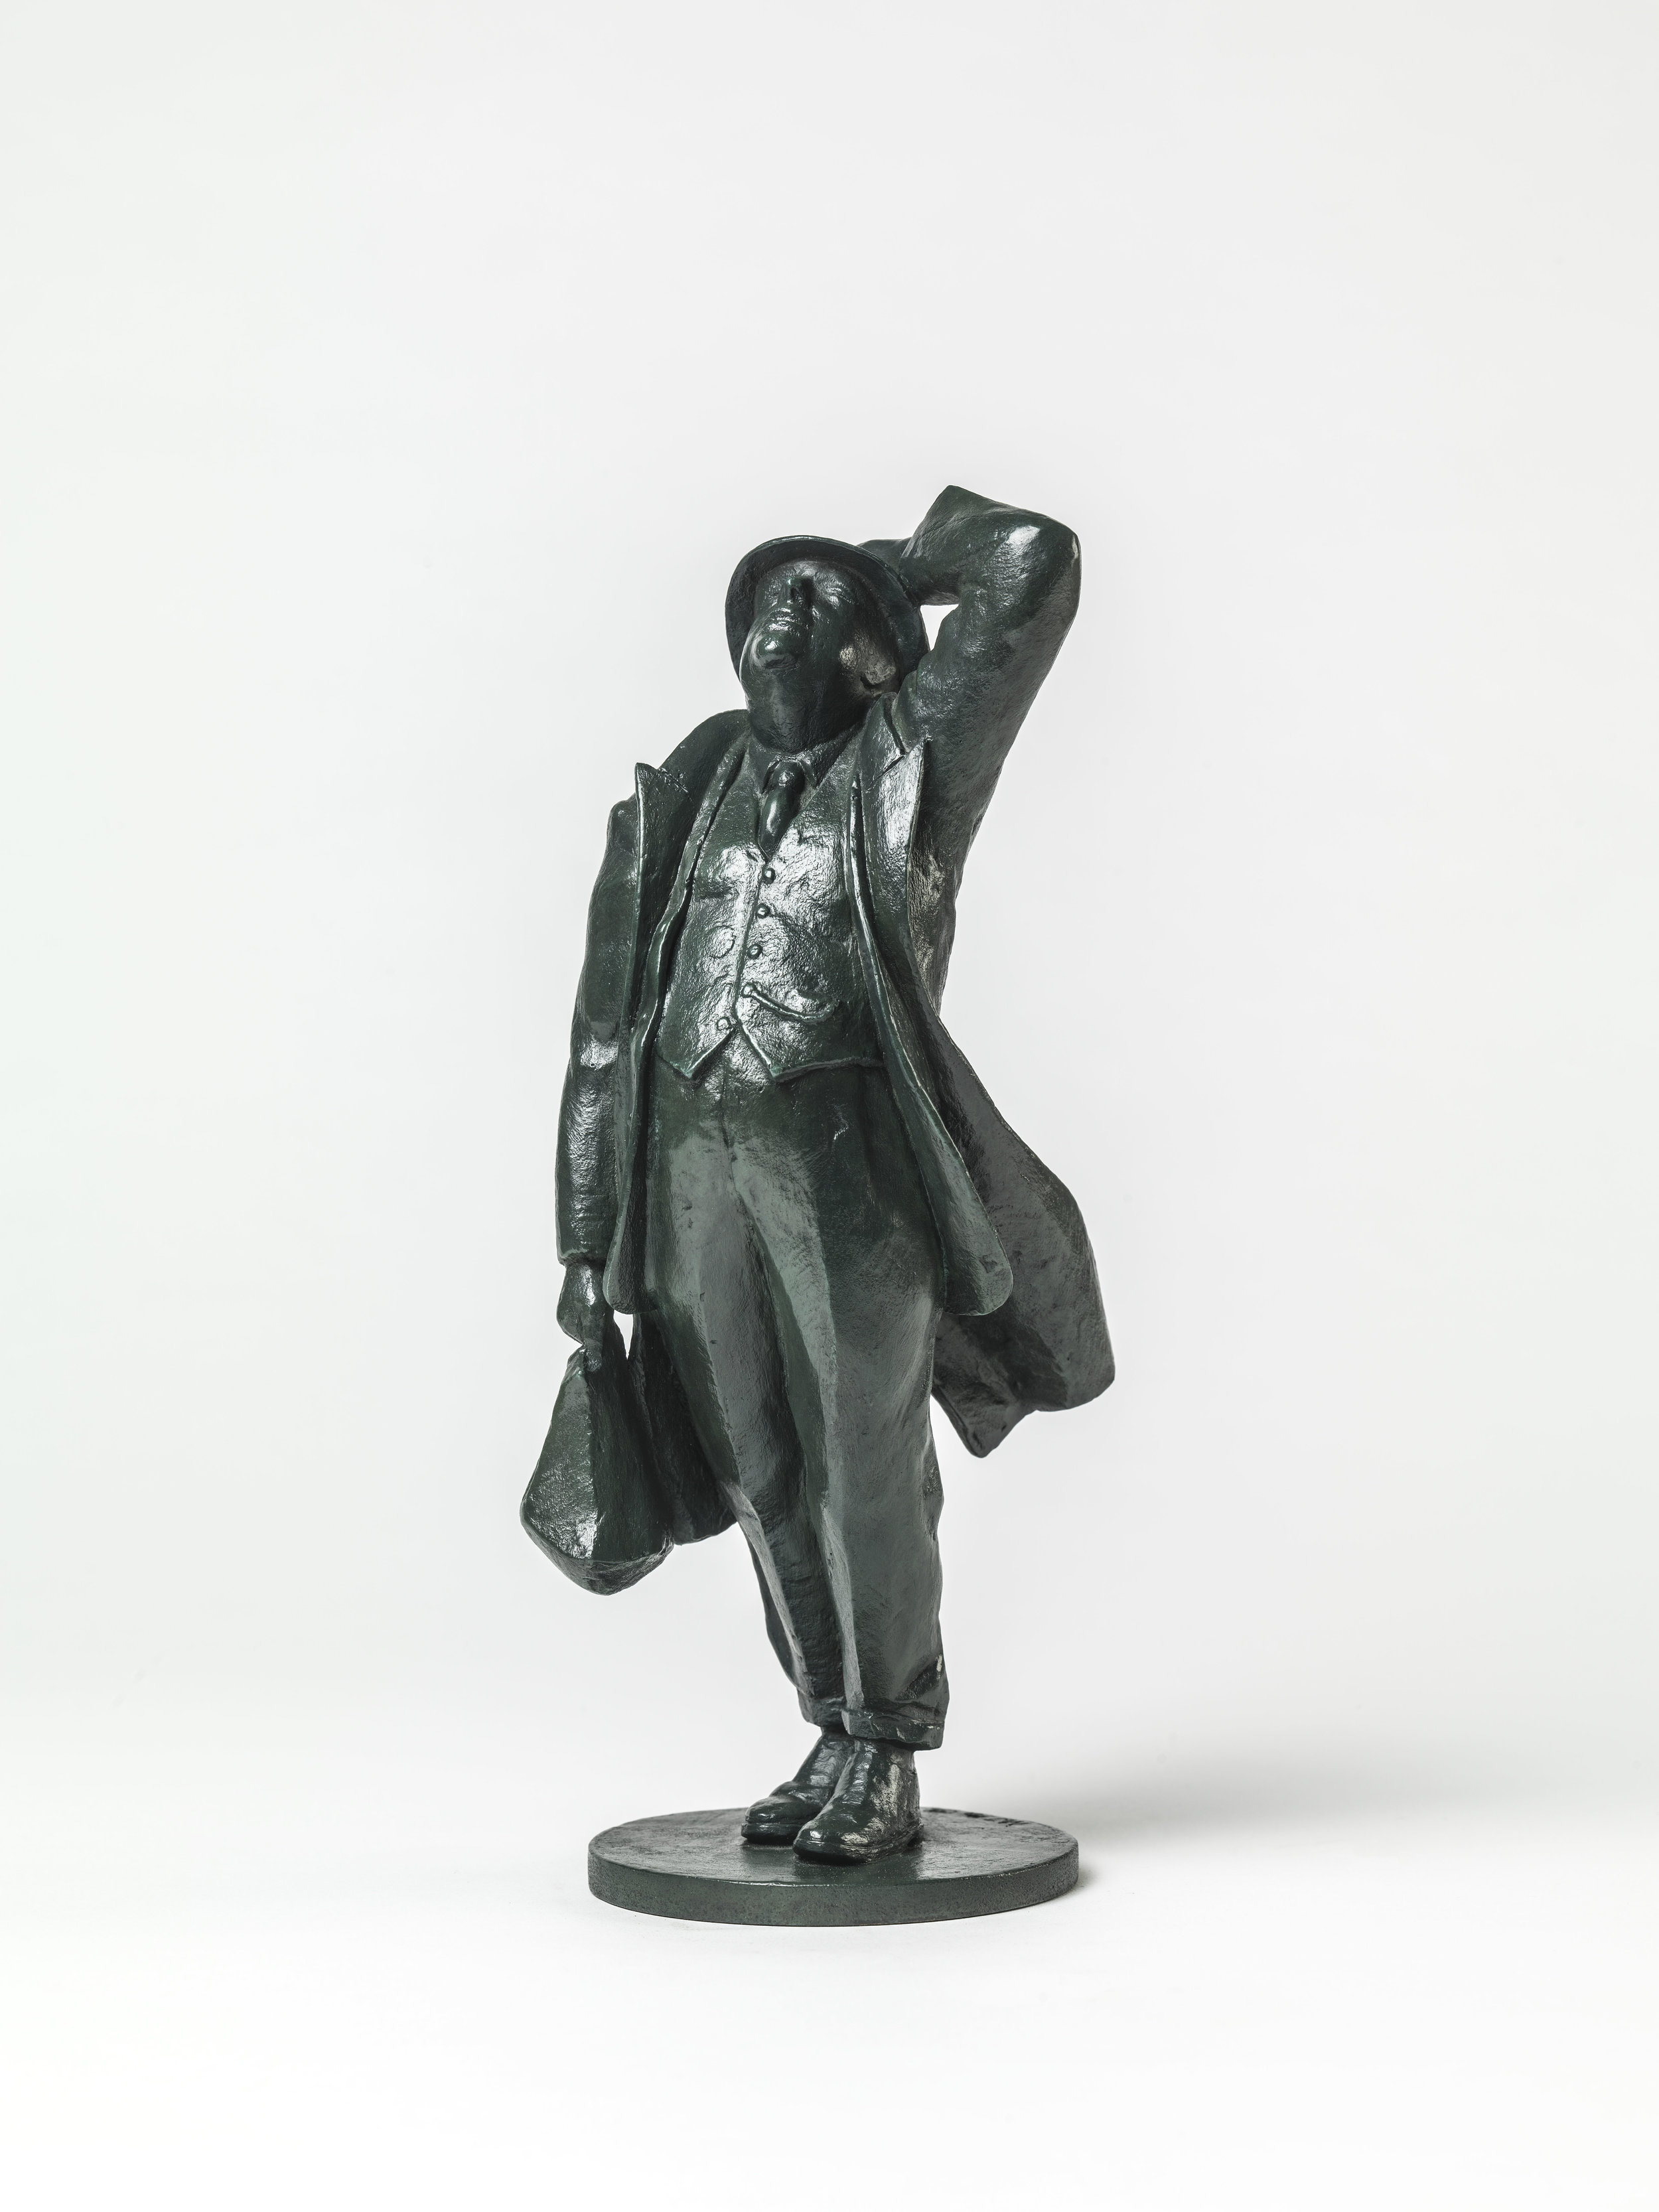 40. John Betjeman maquette.